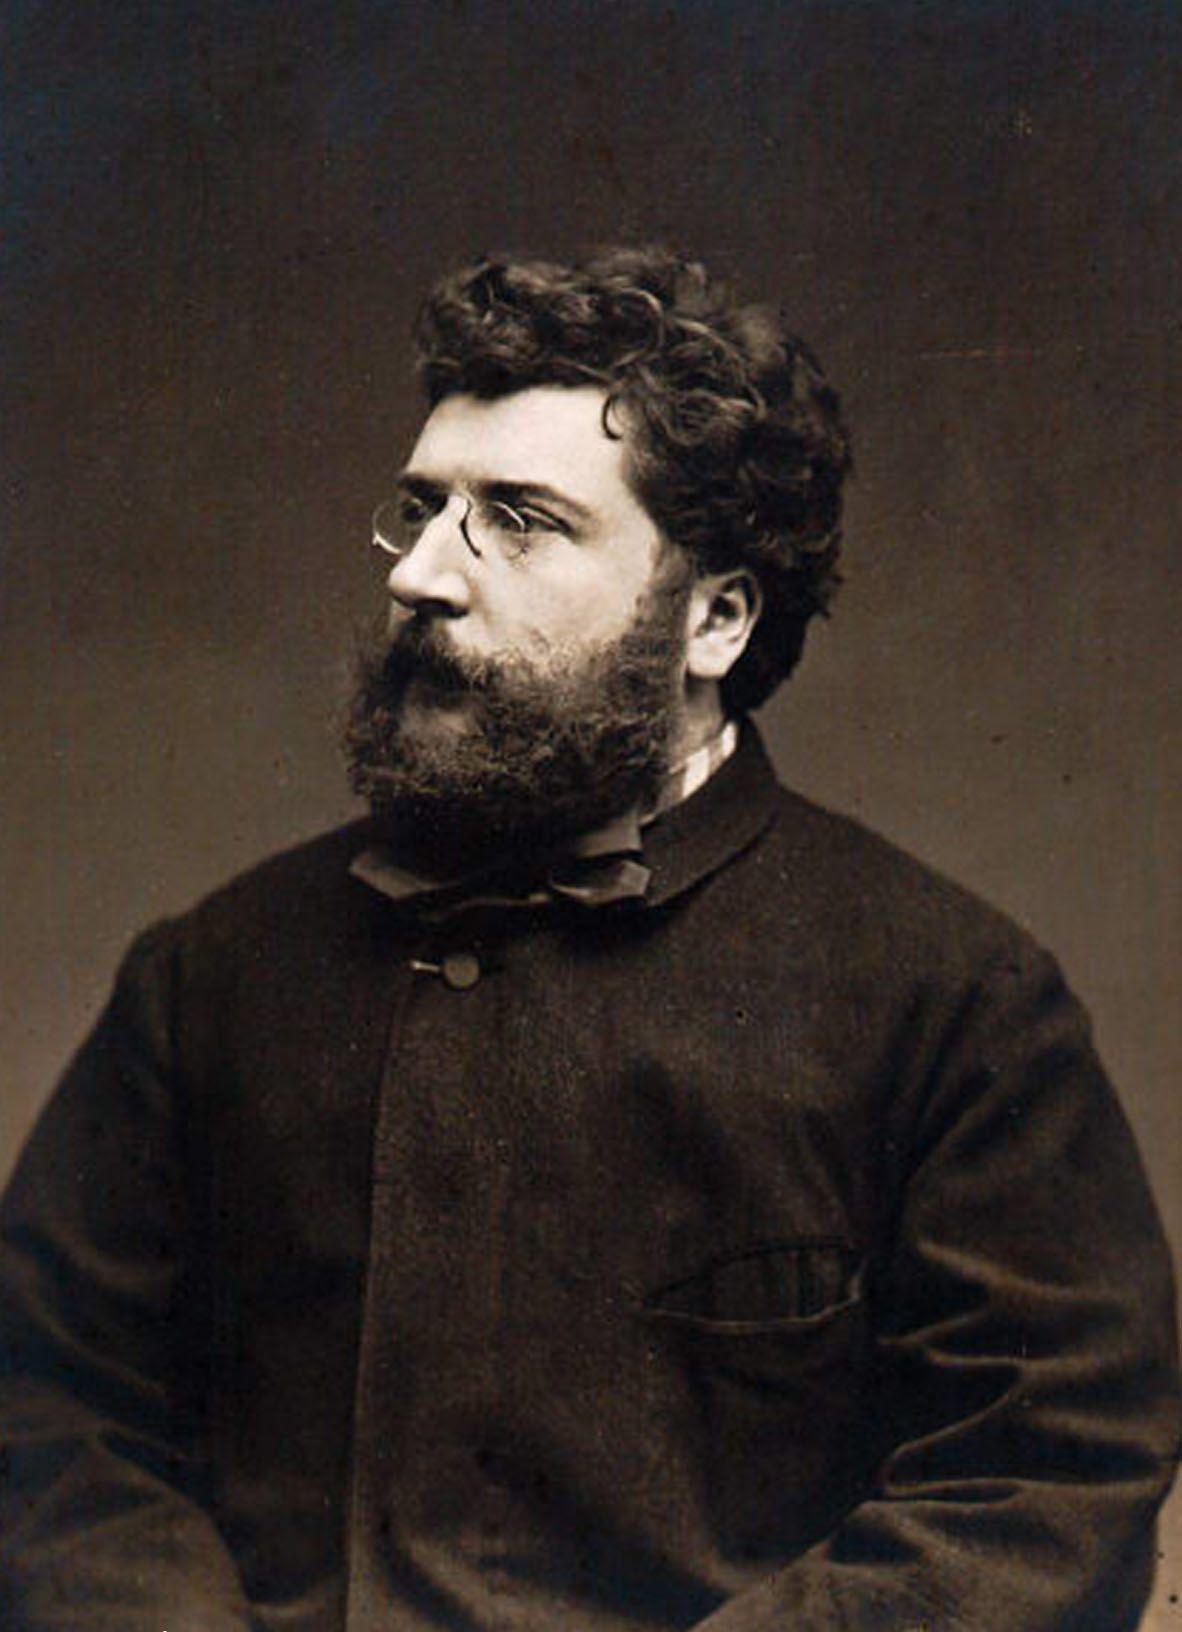 175 años del nacimiento de Georges Bizet: «La religión es una forma de explotación que los poderosos emplean contra los débiles; la religión es un manto de ambición, vicio e injusticia» (retrato del compositor en 1875). http://www.veniracuento.com/